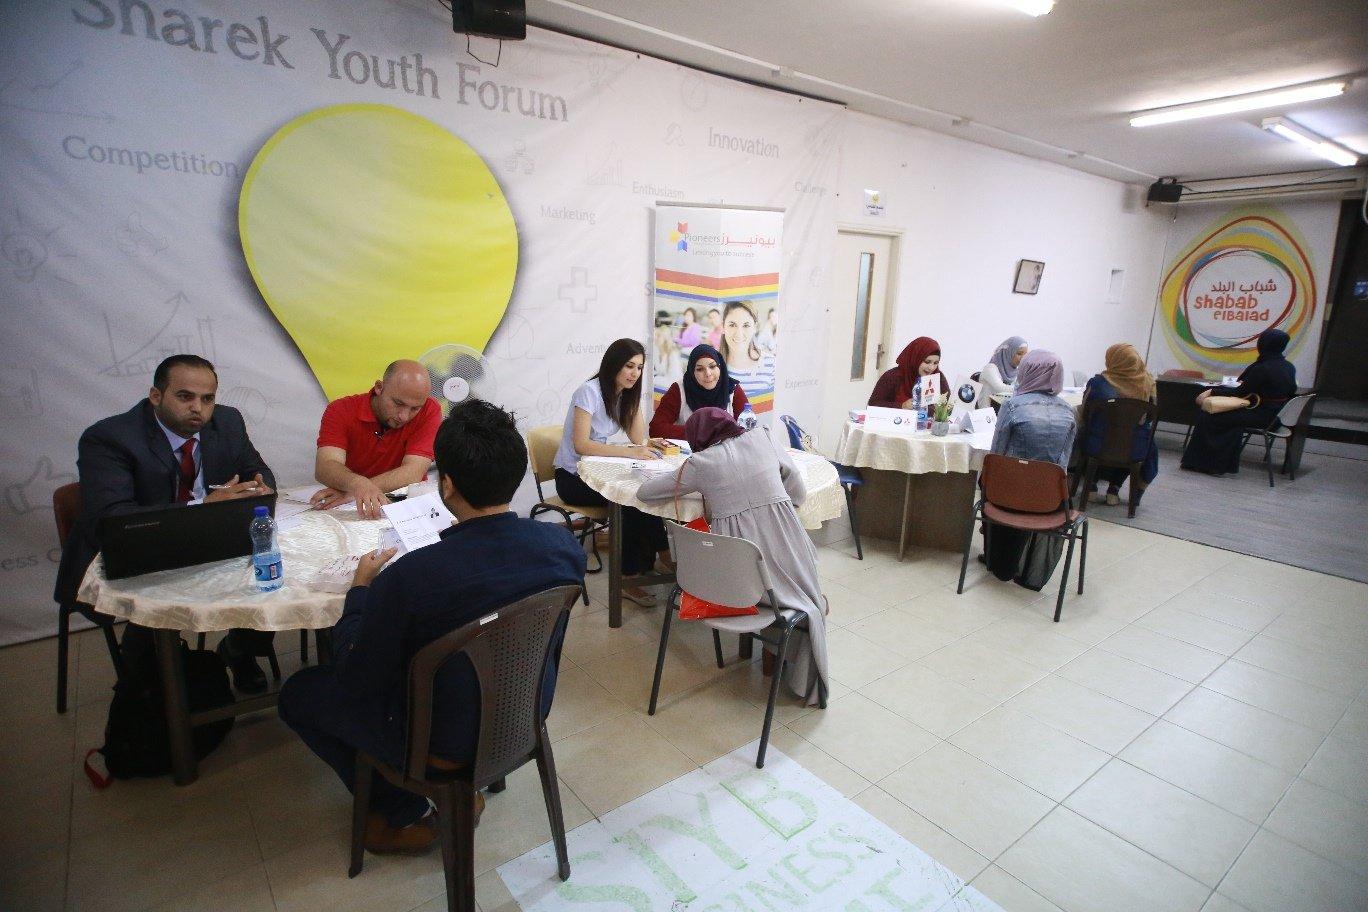 ملتقى فلسطين تعمل للتوظيف يوظف 40 خريج وخريجة من كافة التخصصات الجامعية في شركات ومؤسسات القطاعين الخاص والأهلي